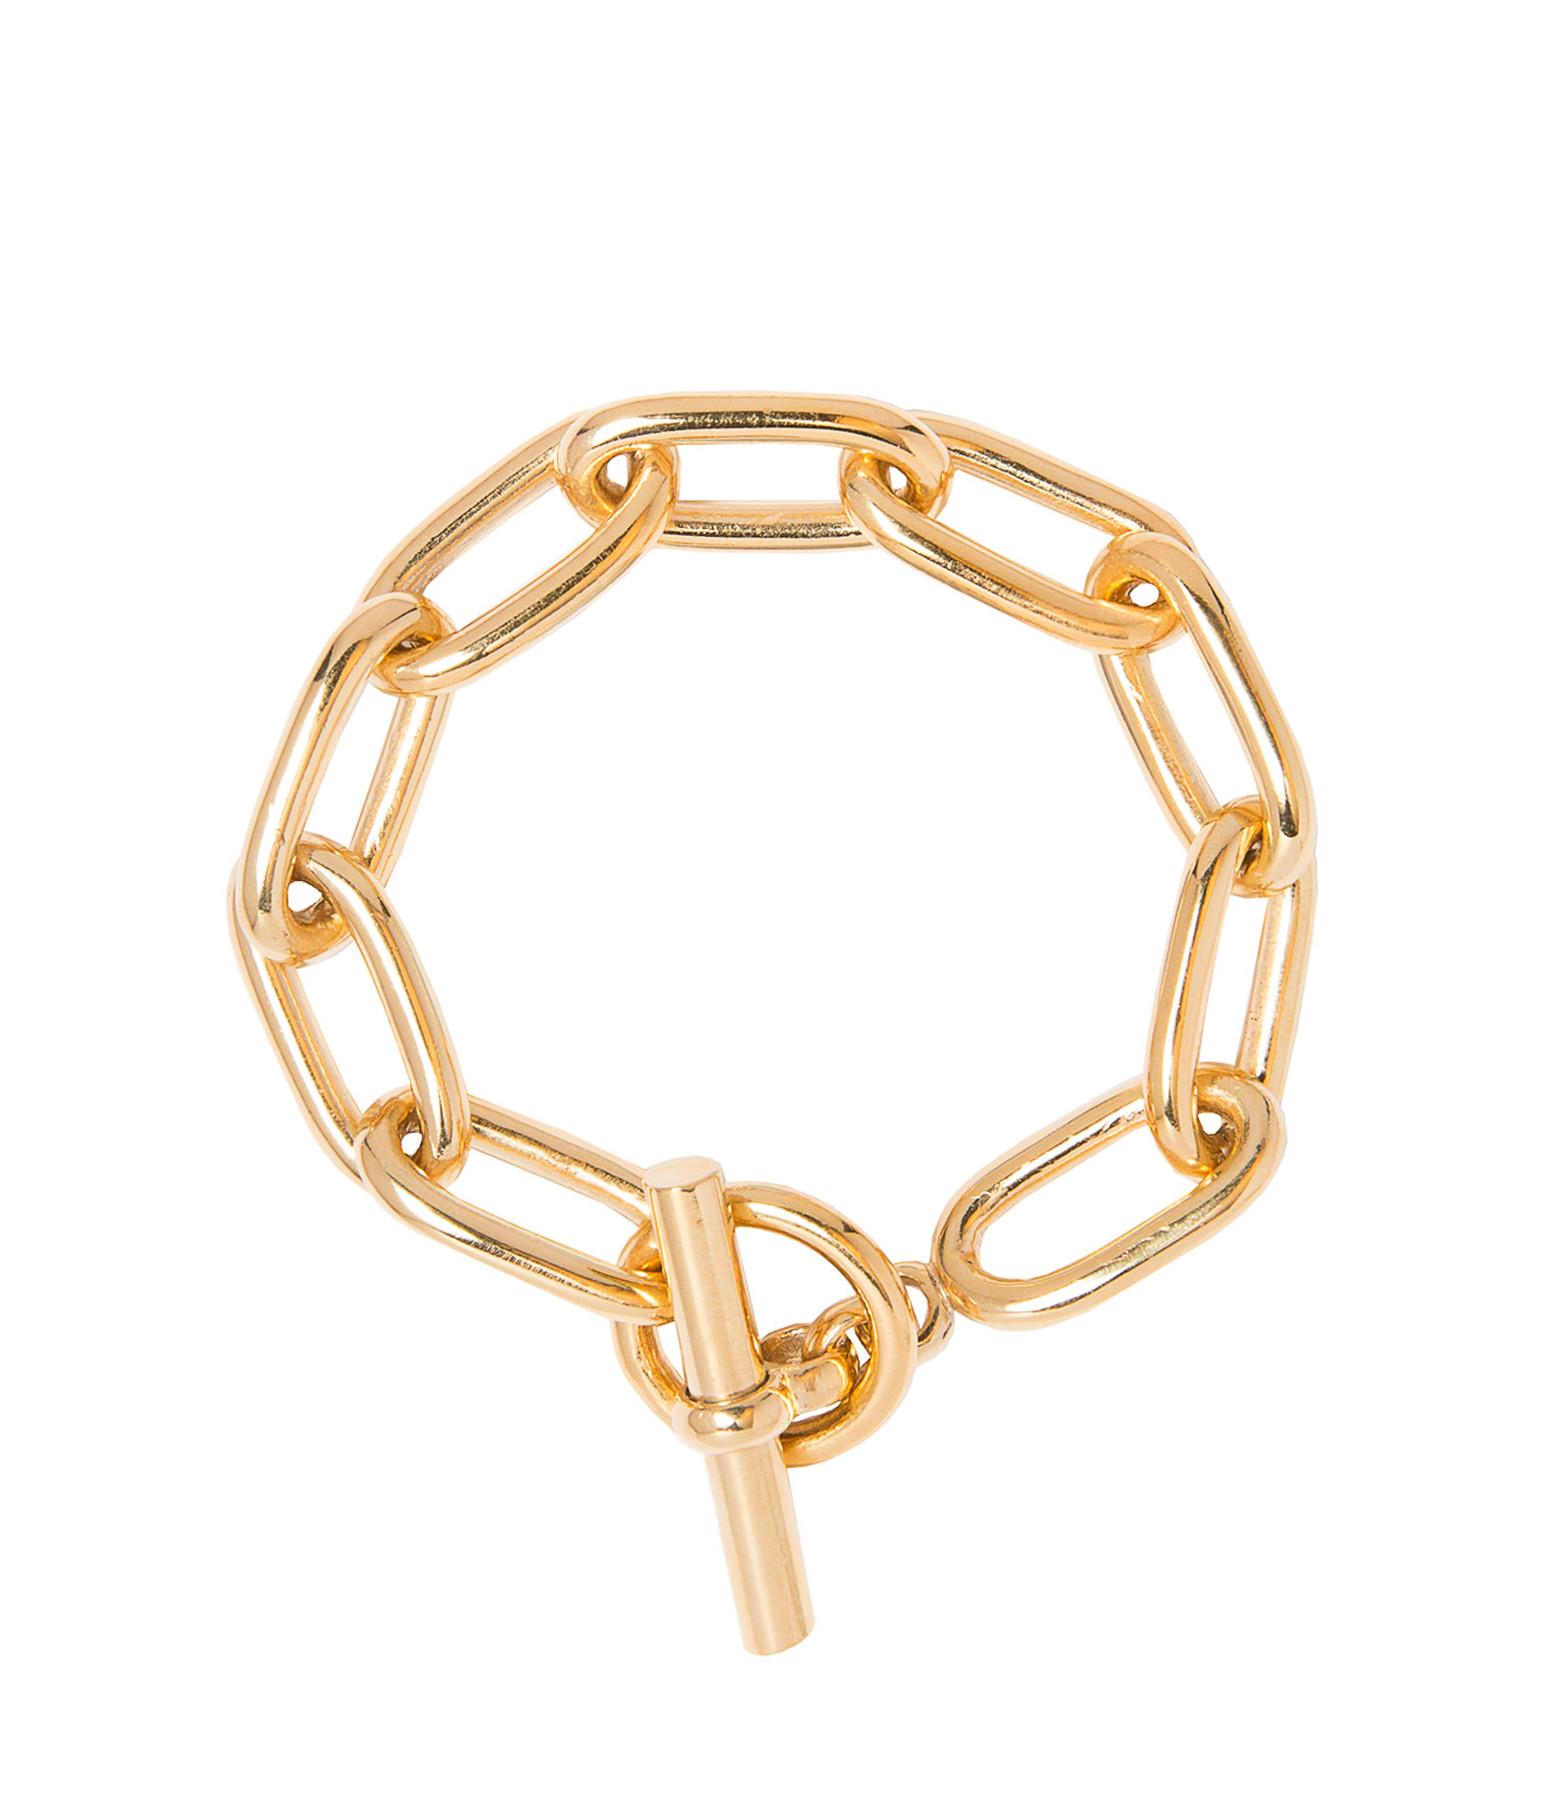 TILLY SVEAAS - Bracelet Oval Medium Plaqué Or